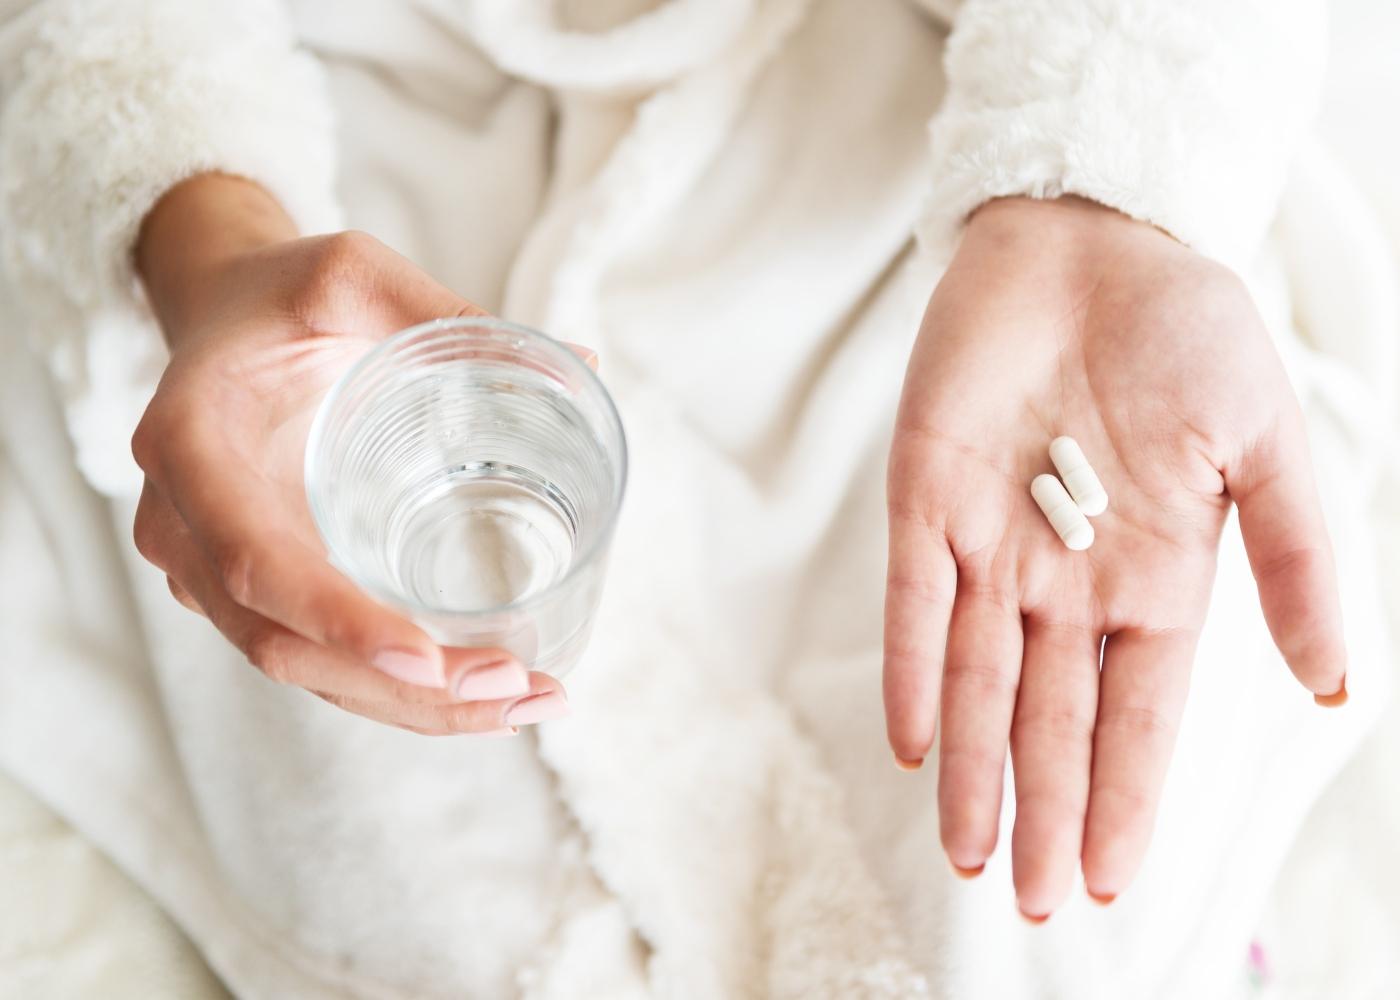 mulher com medicamentos na mão para tomar